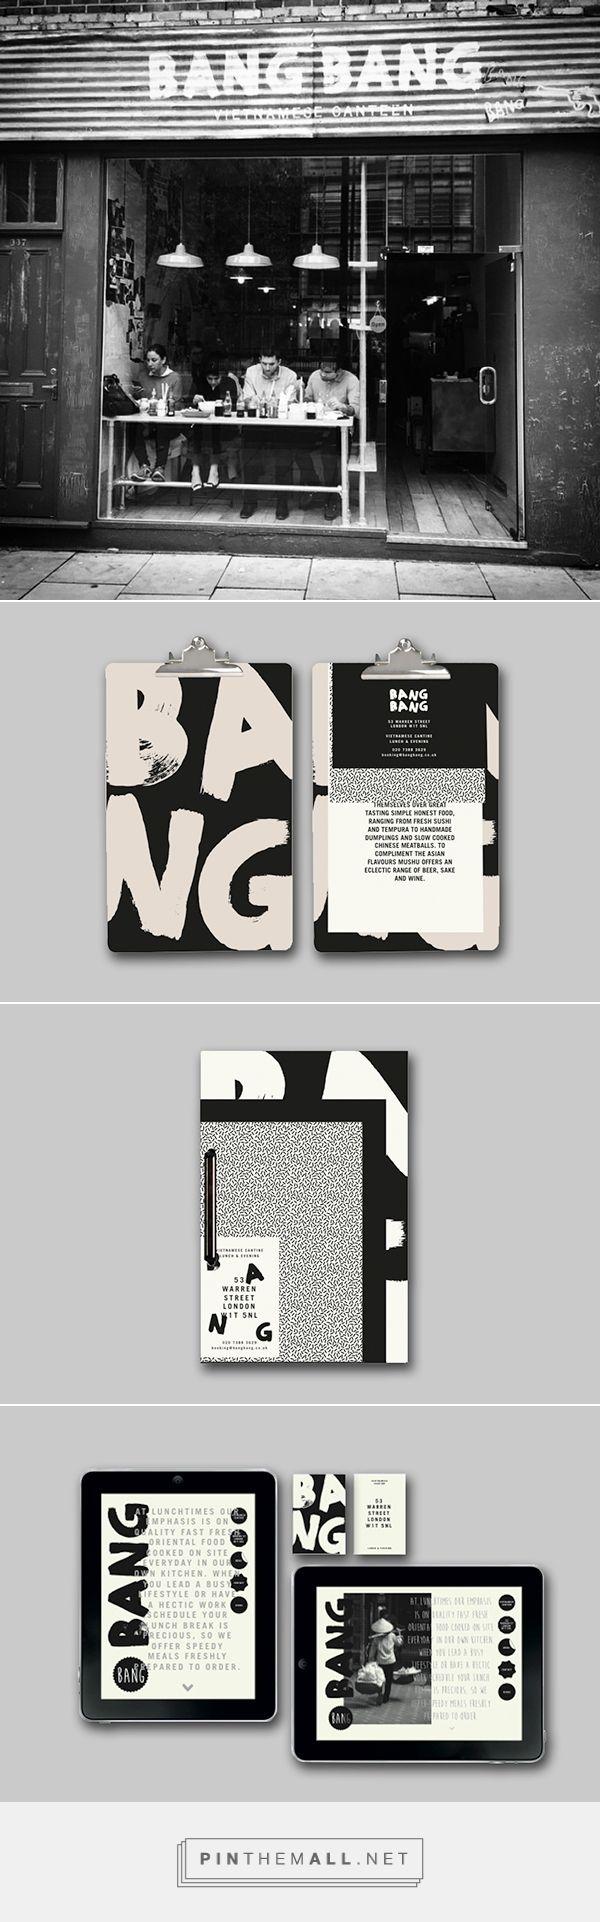 plus de d u00e9couvertes sur le blog des tendances fr  tendance  packaging  blogueur